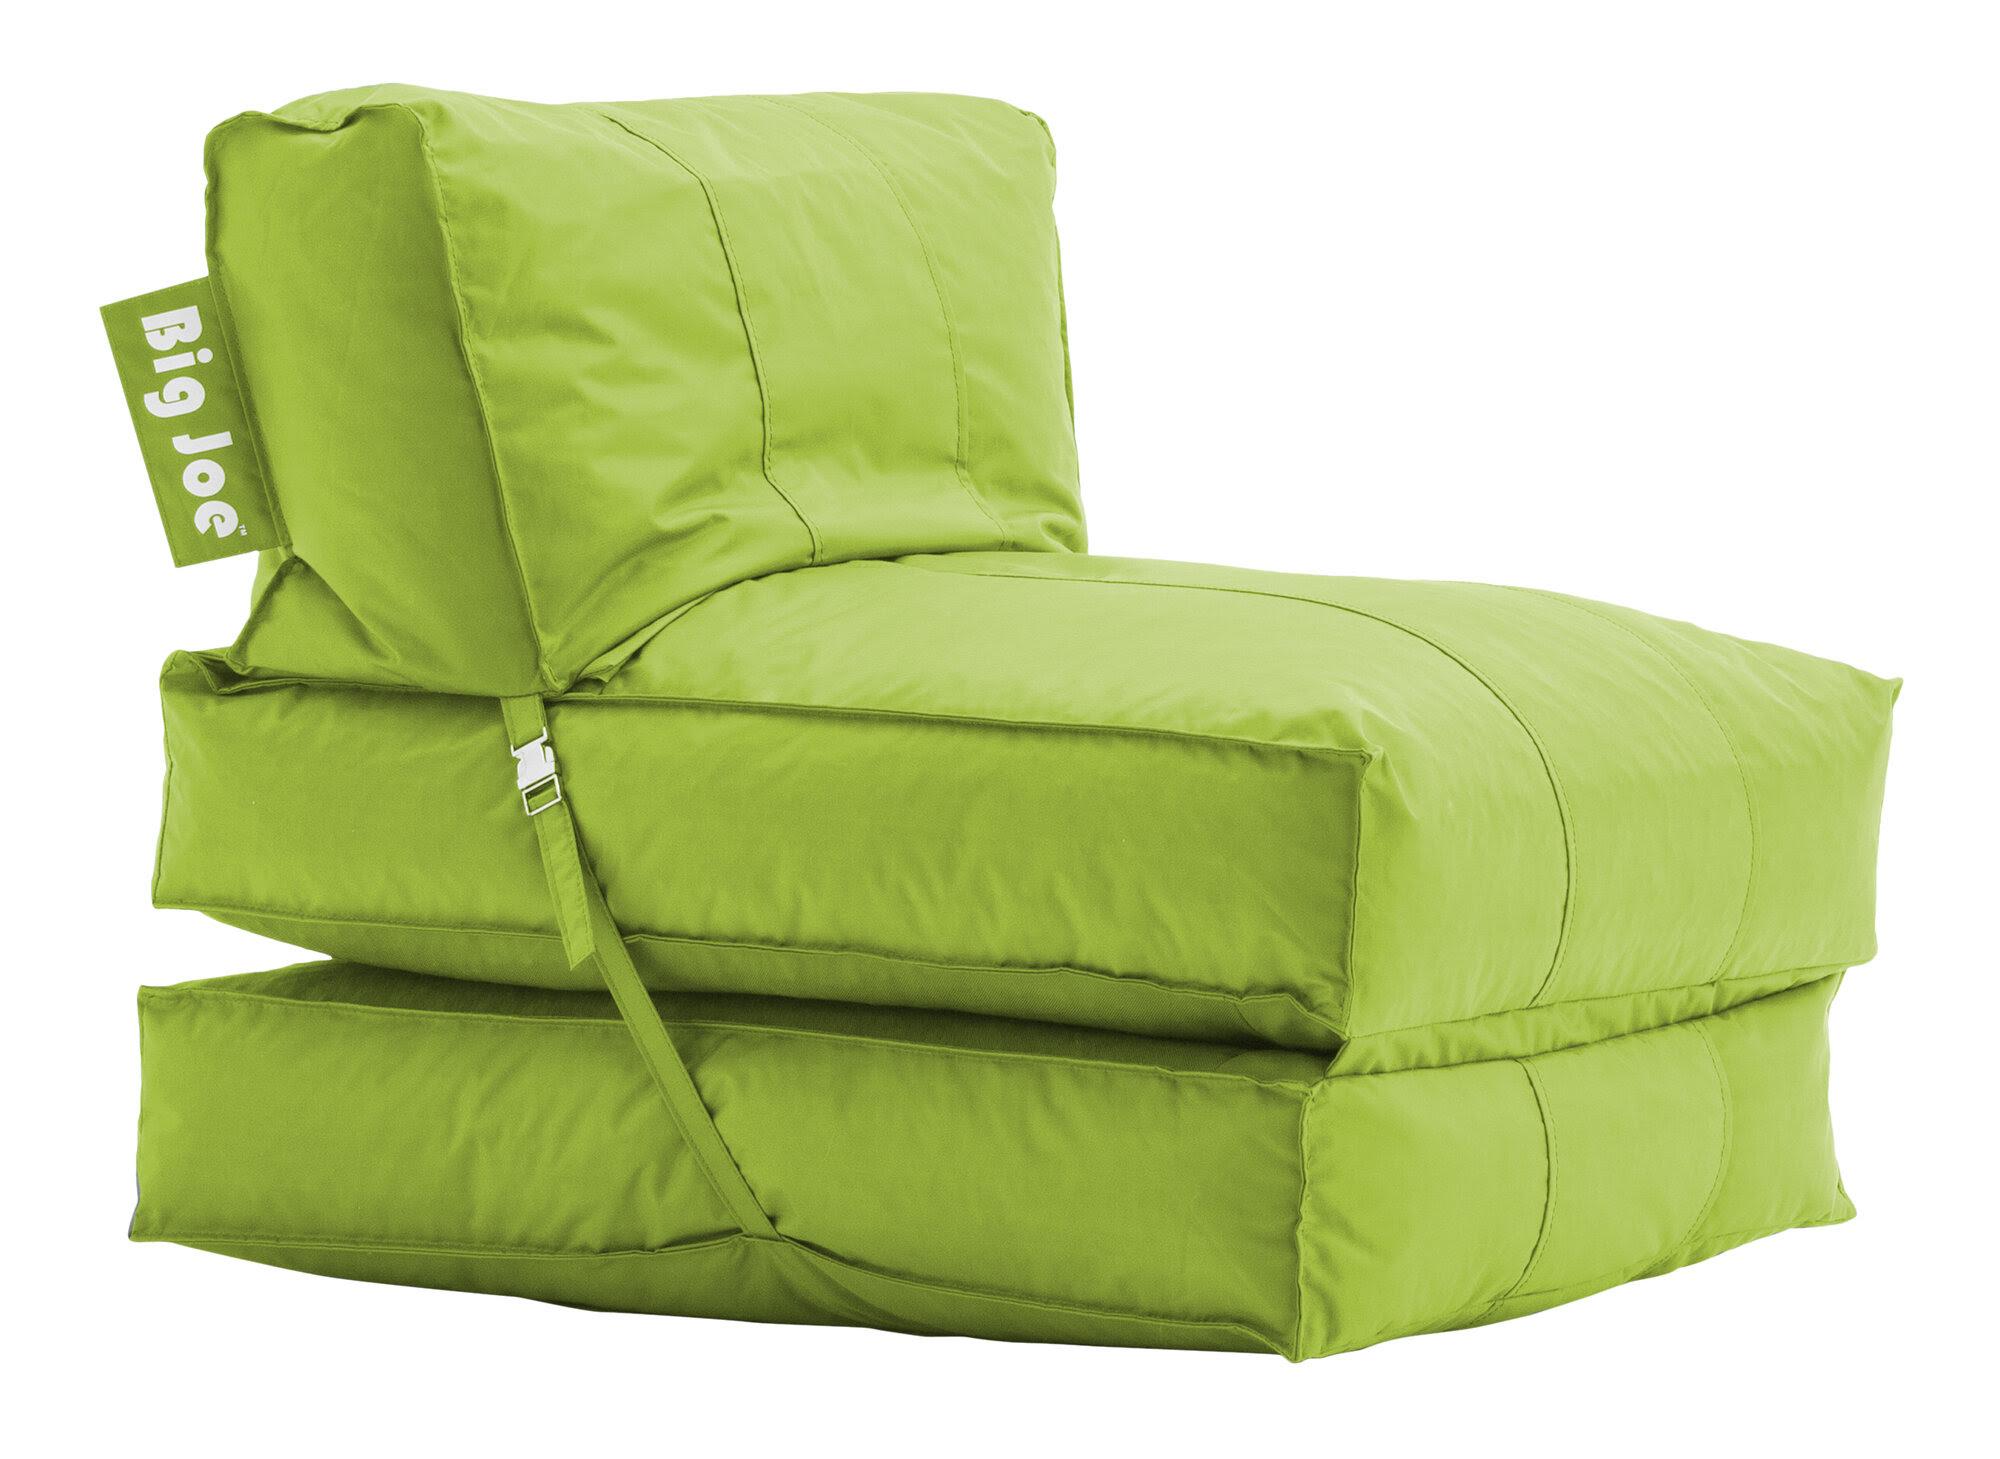 Comfort Research Big Joe Flip Bean Bag Chair